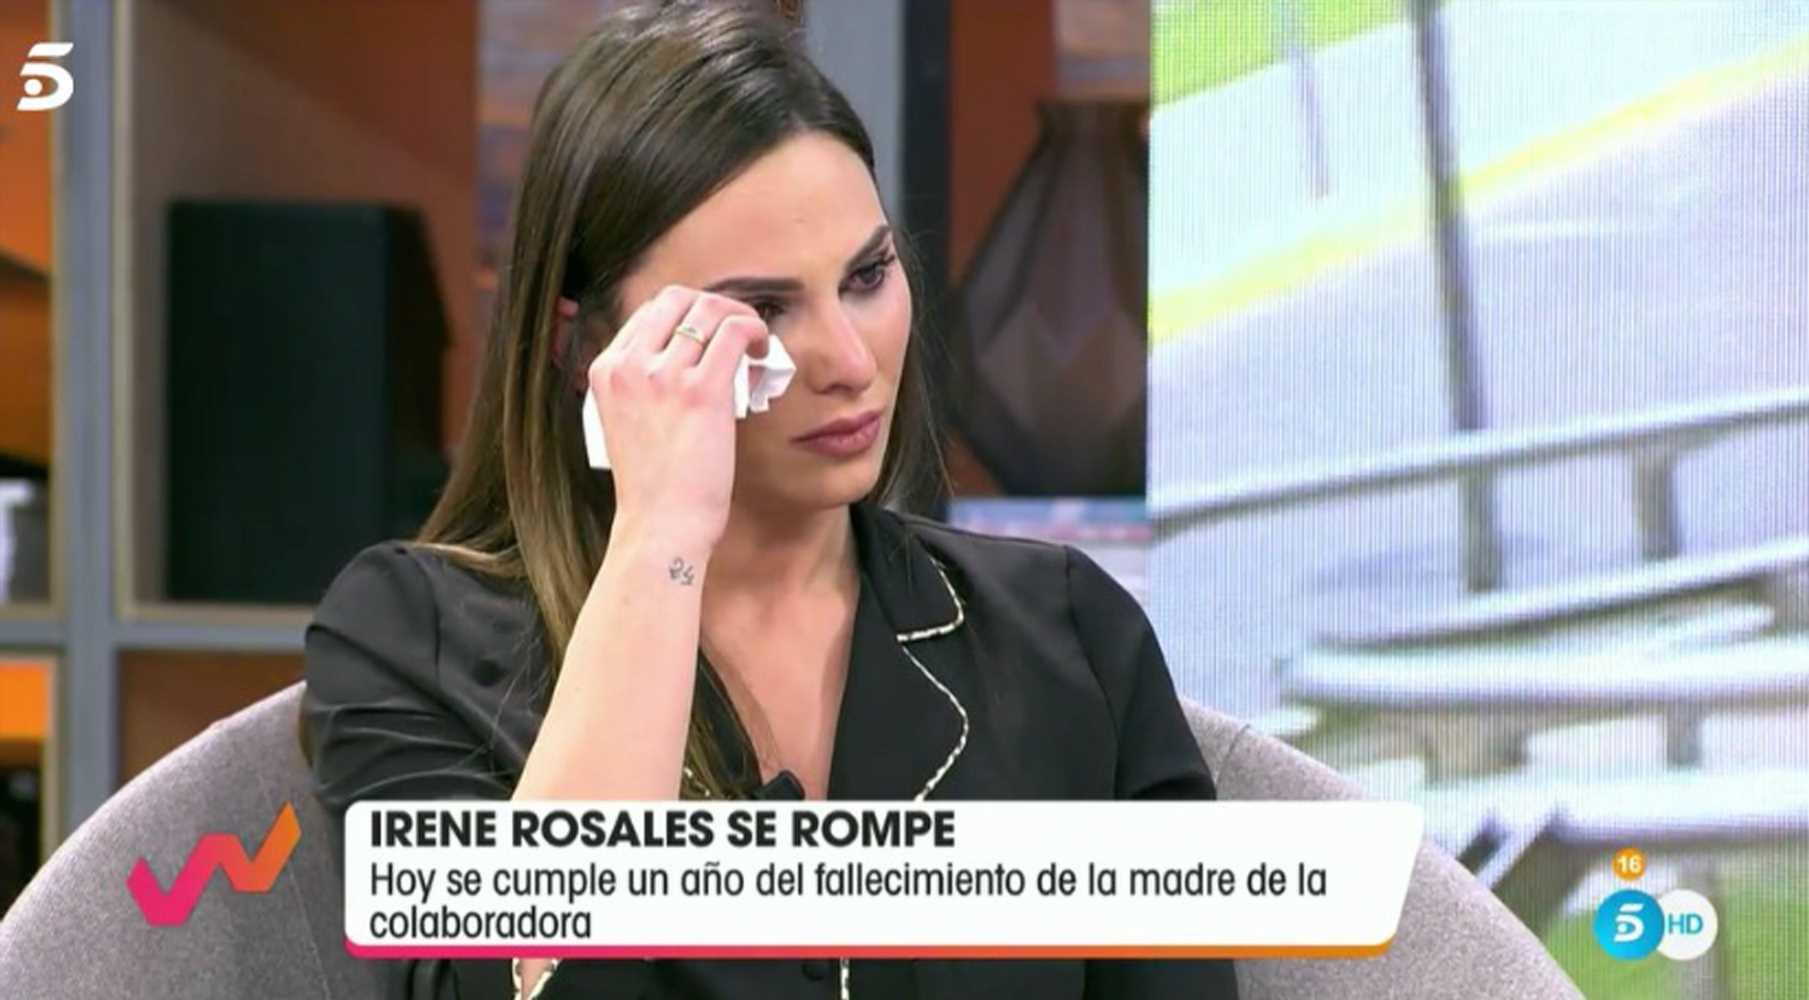 Irene Rosales se derrumba al recordar la muerte de su madre y reconoce que no está bien